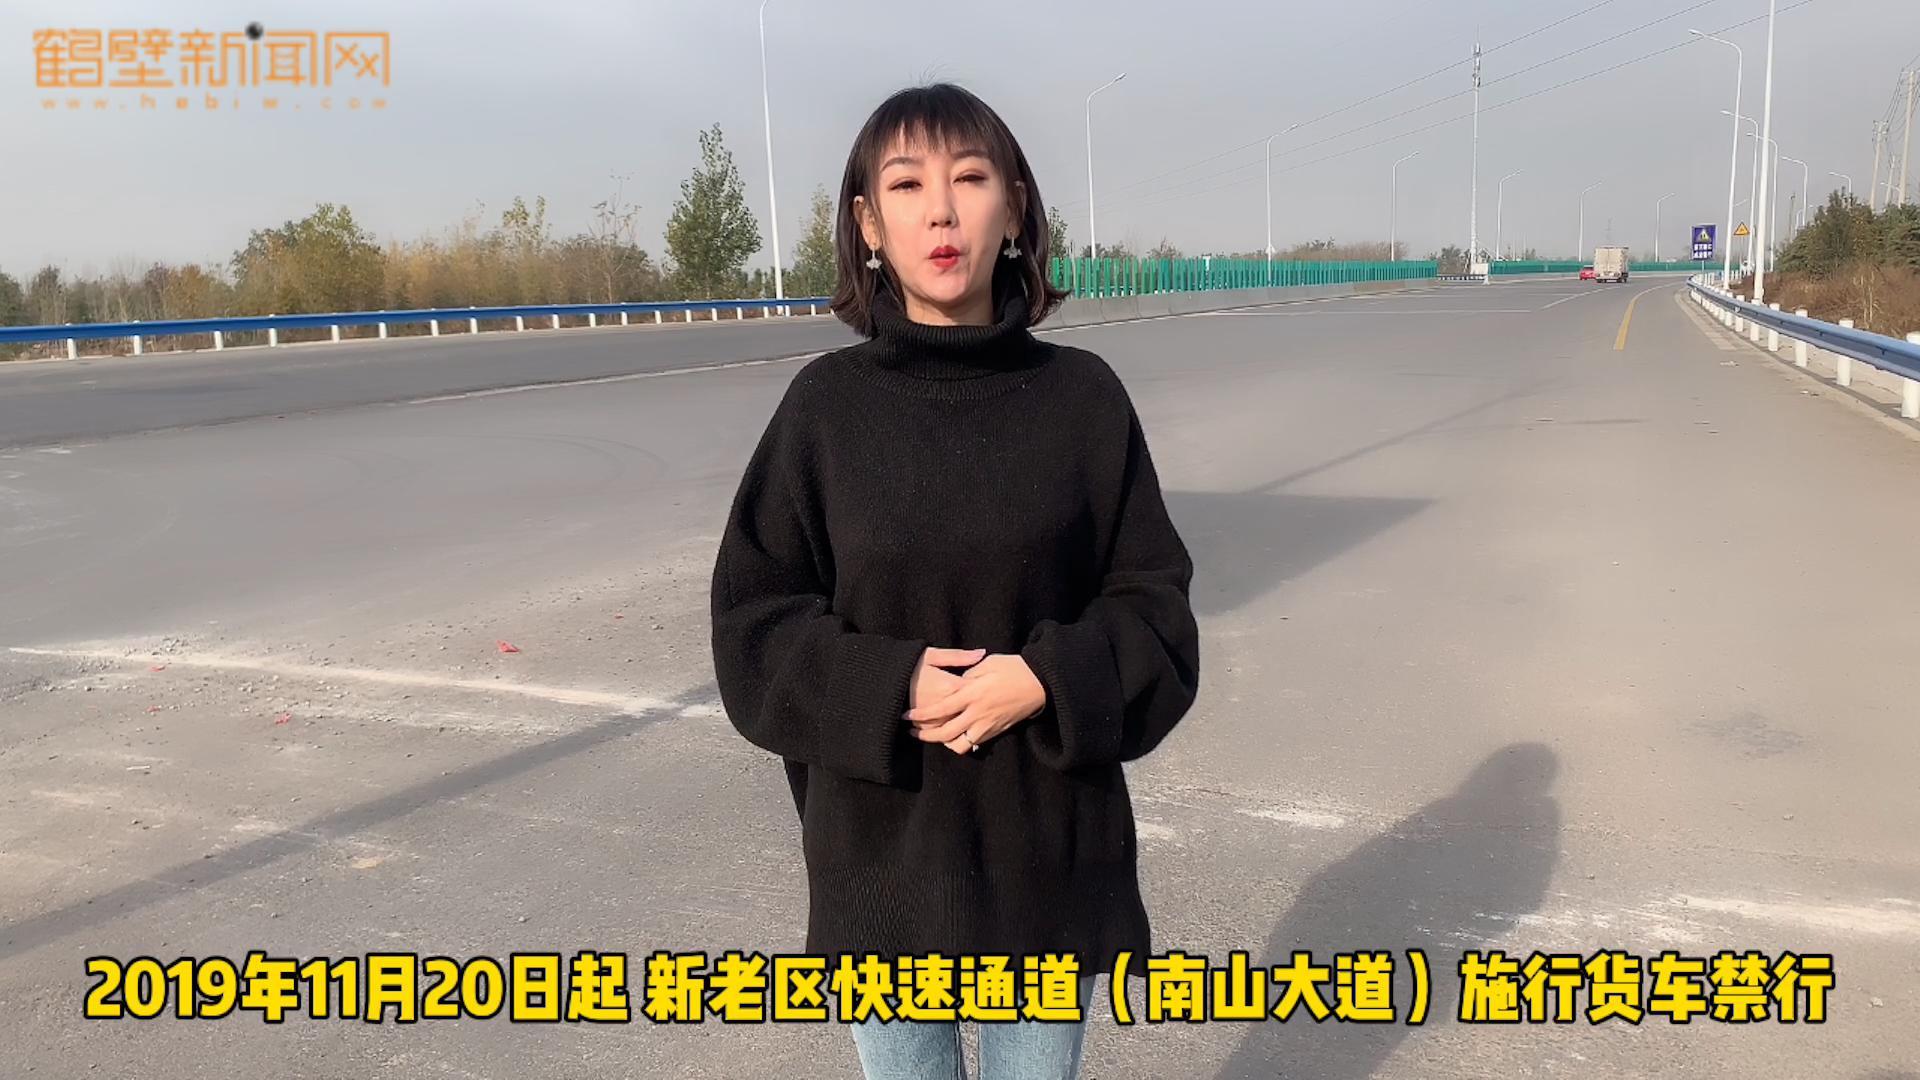 新老区快速通道(南山大道)施行货车禁行